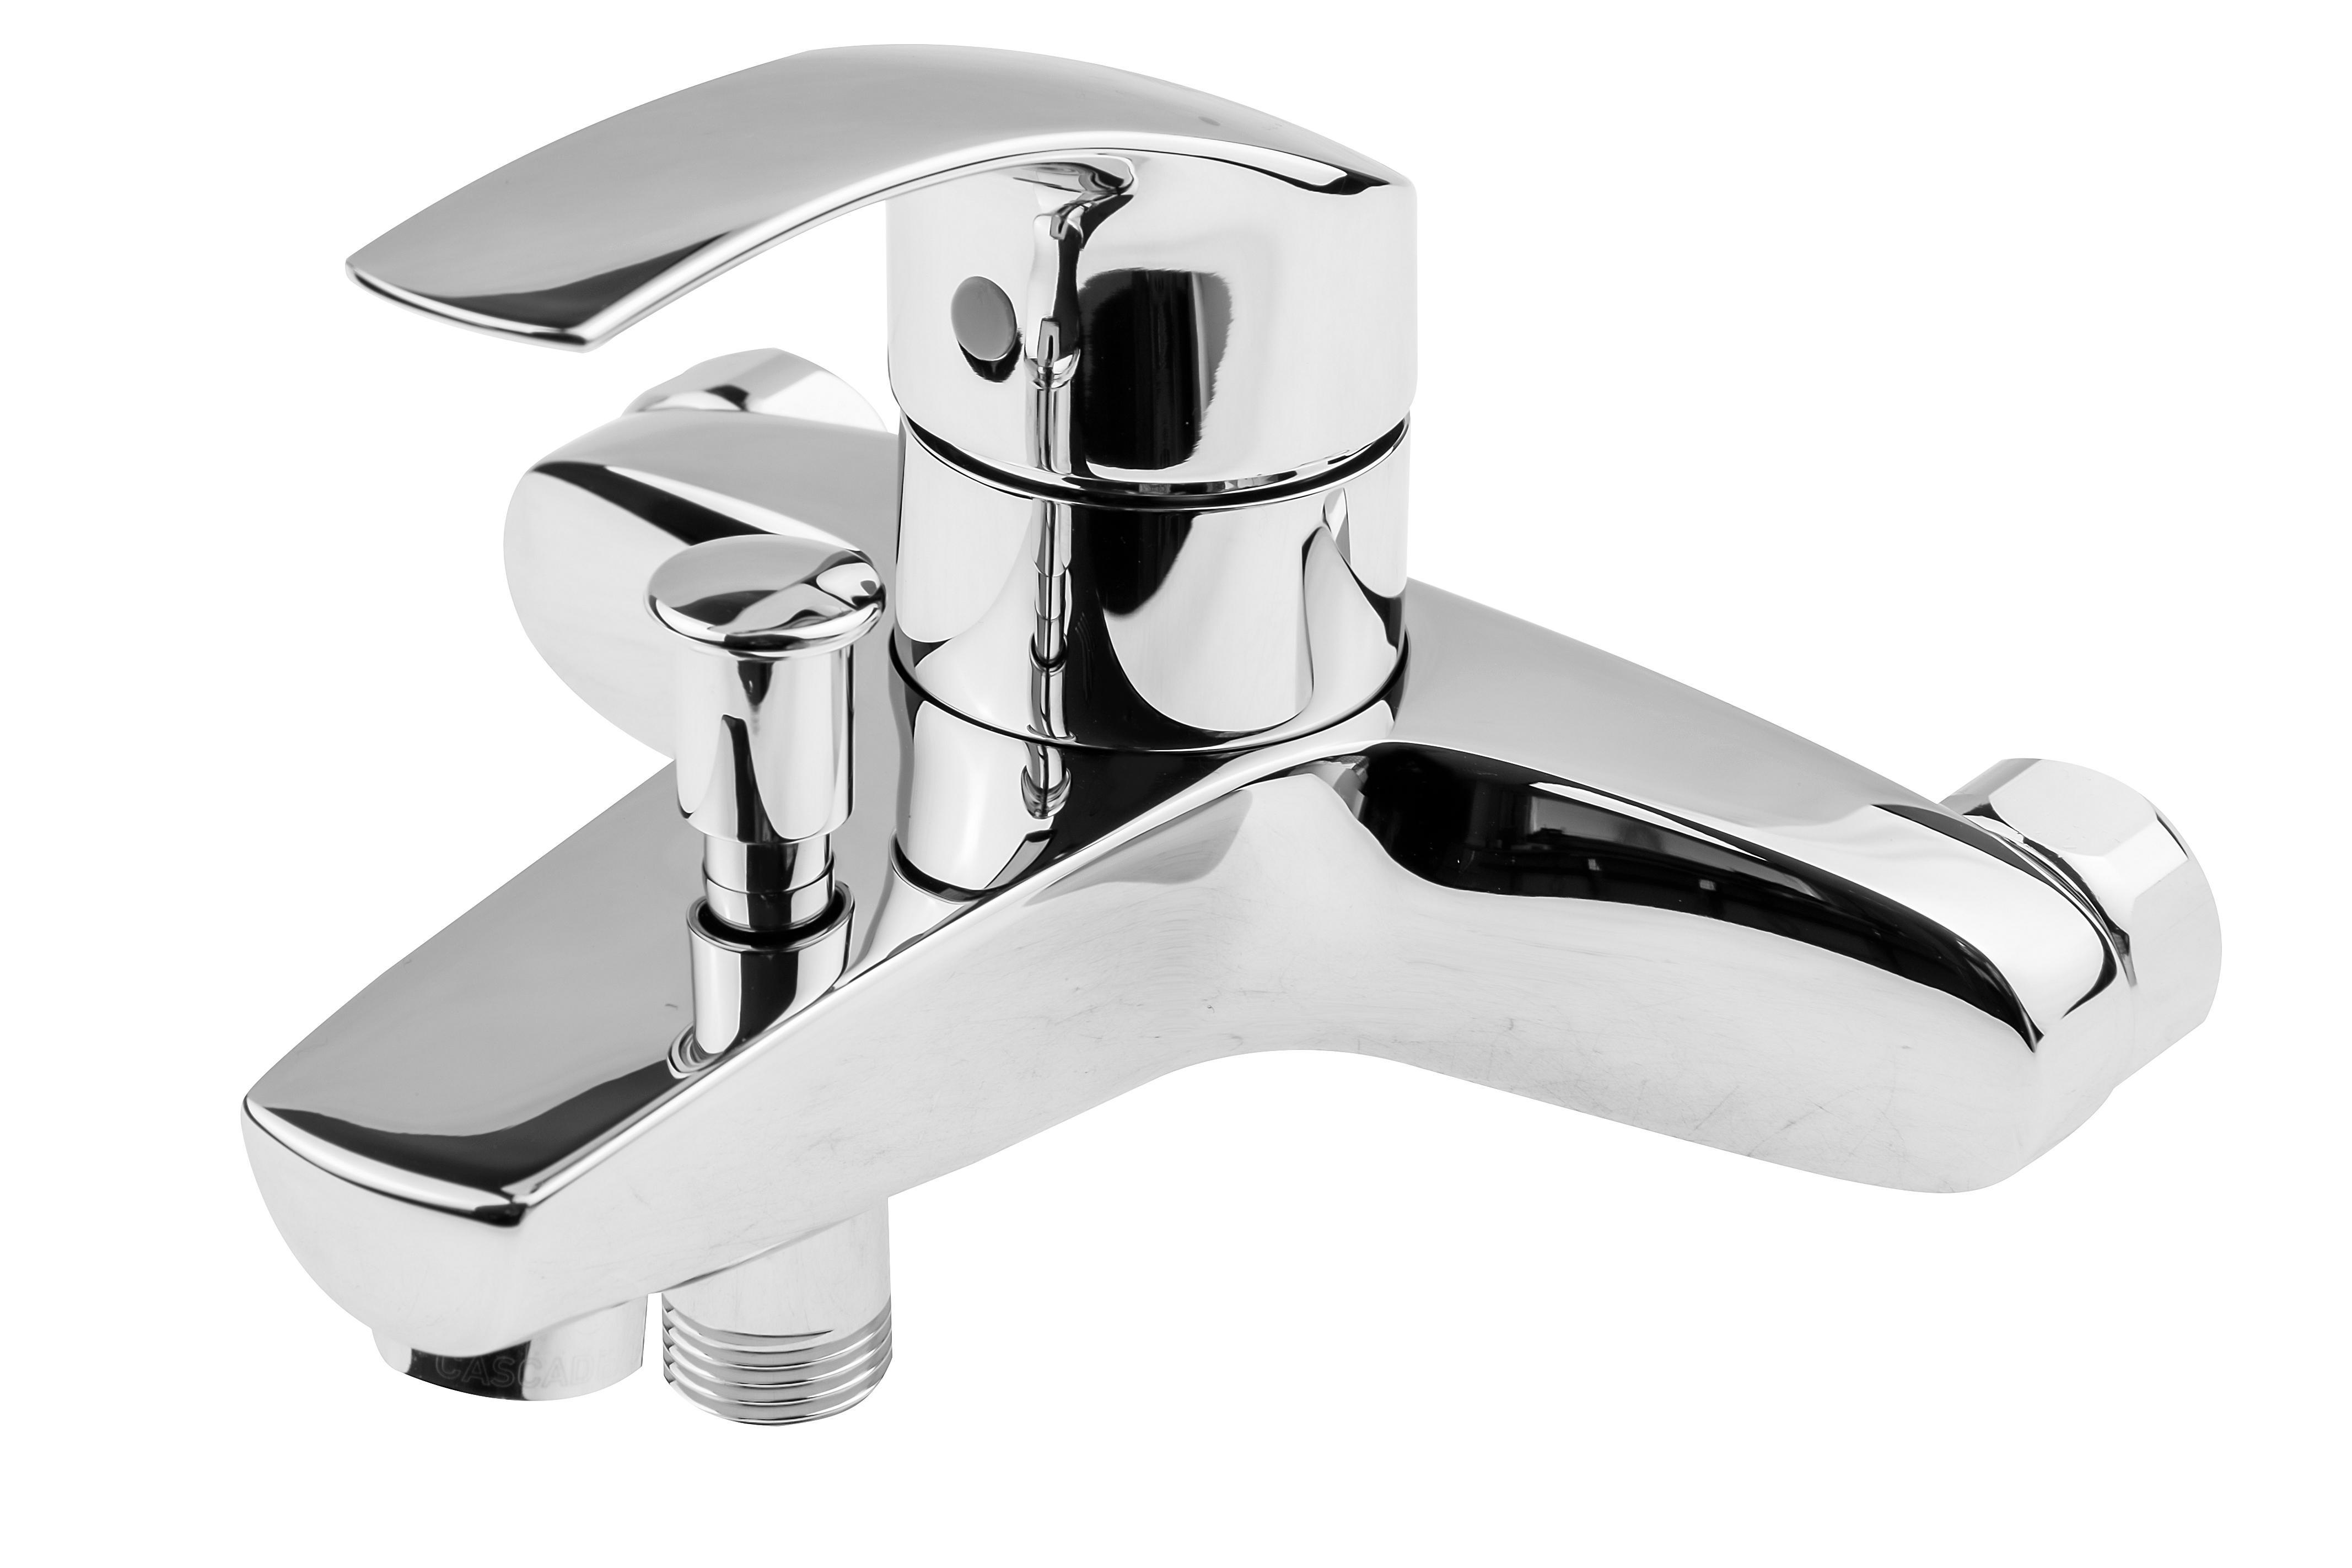 Смеситель для ванны Grohe Eurosmart new 33300002 смеситель для ванны grohe eurosmart new с душевым набором настенный держатель ручной душ хром